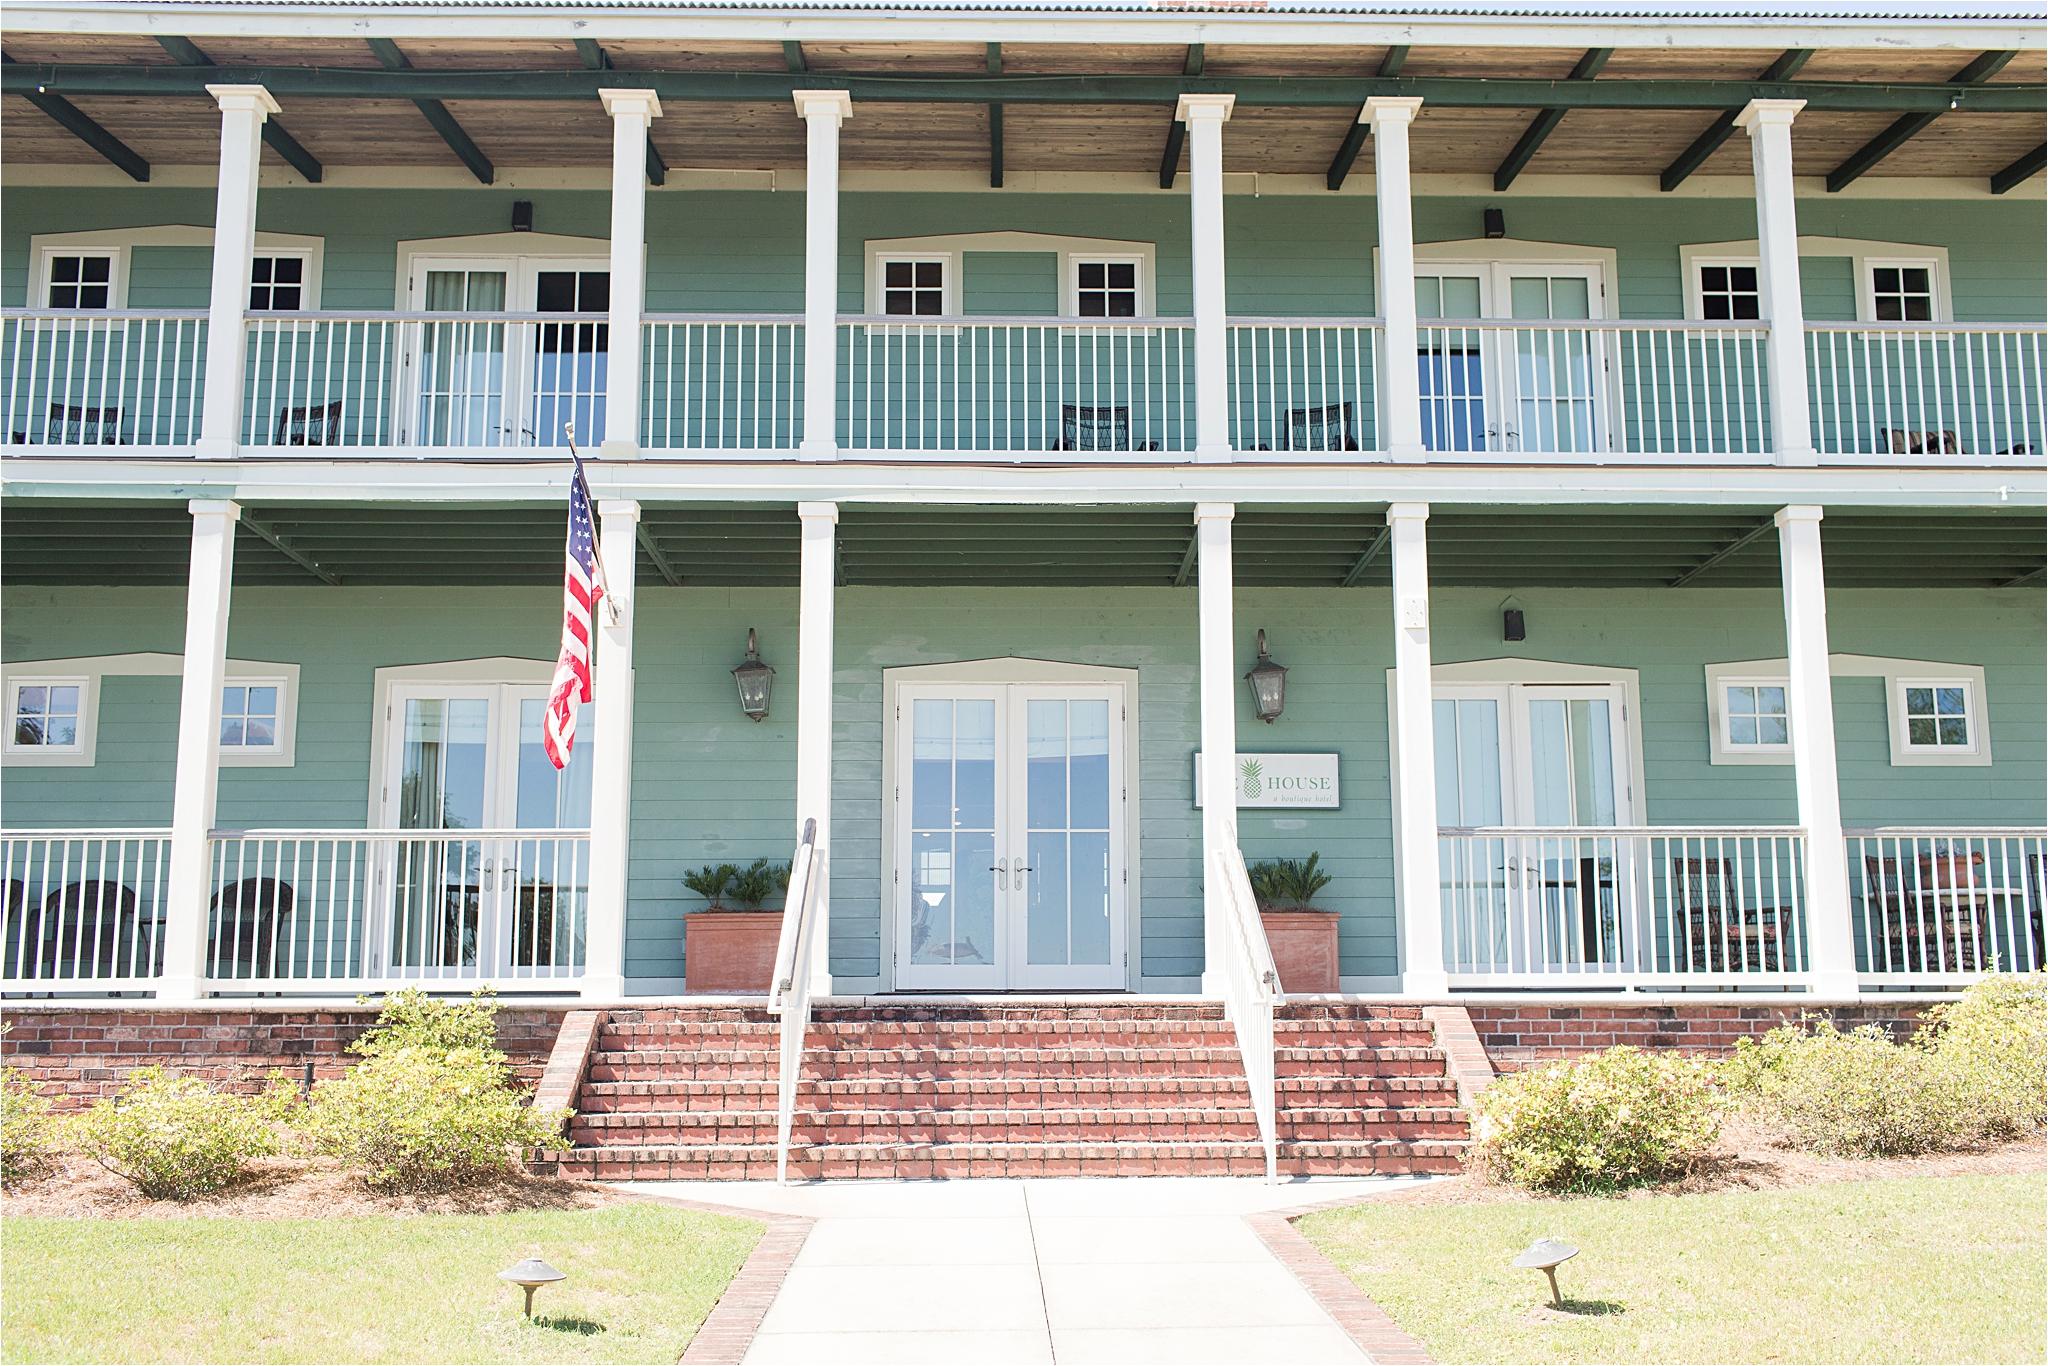 Lee house Pensacola Florida